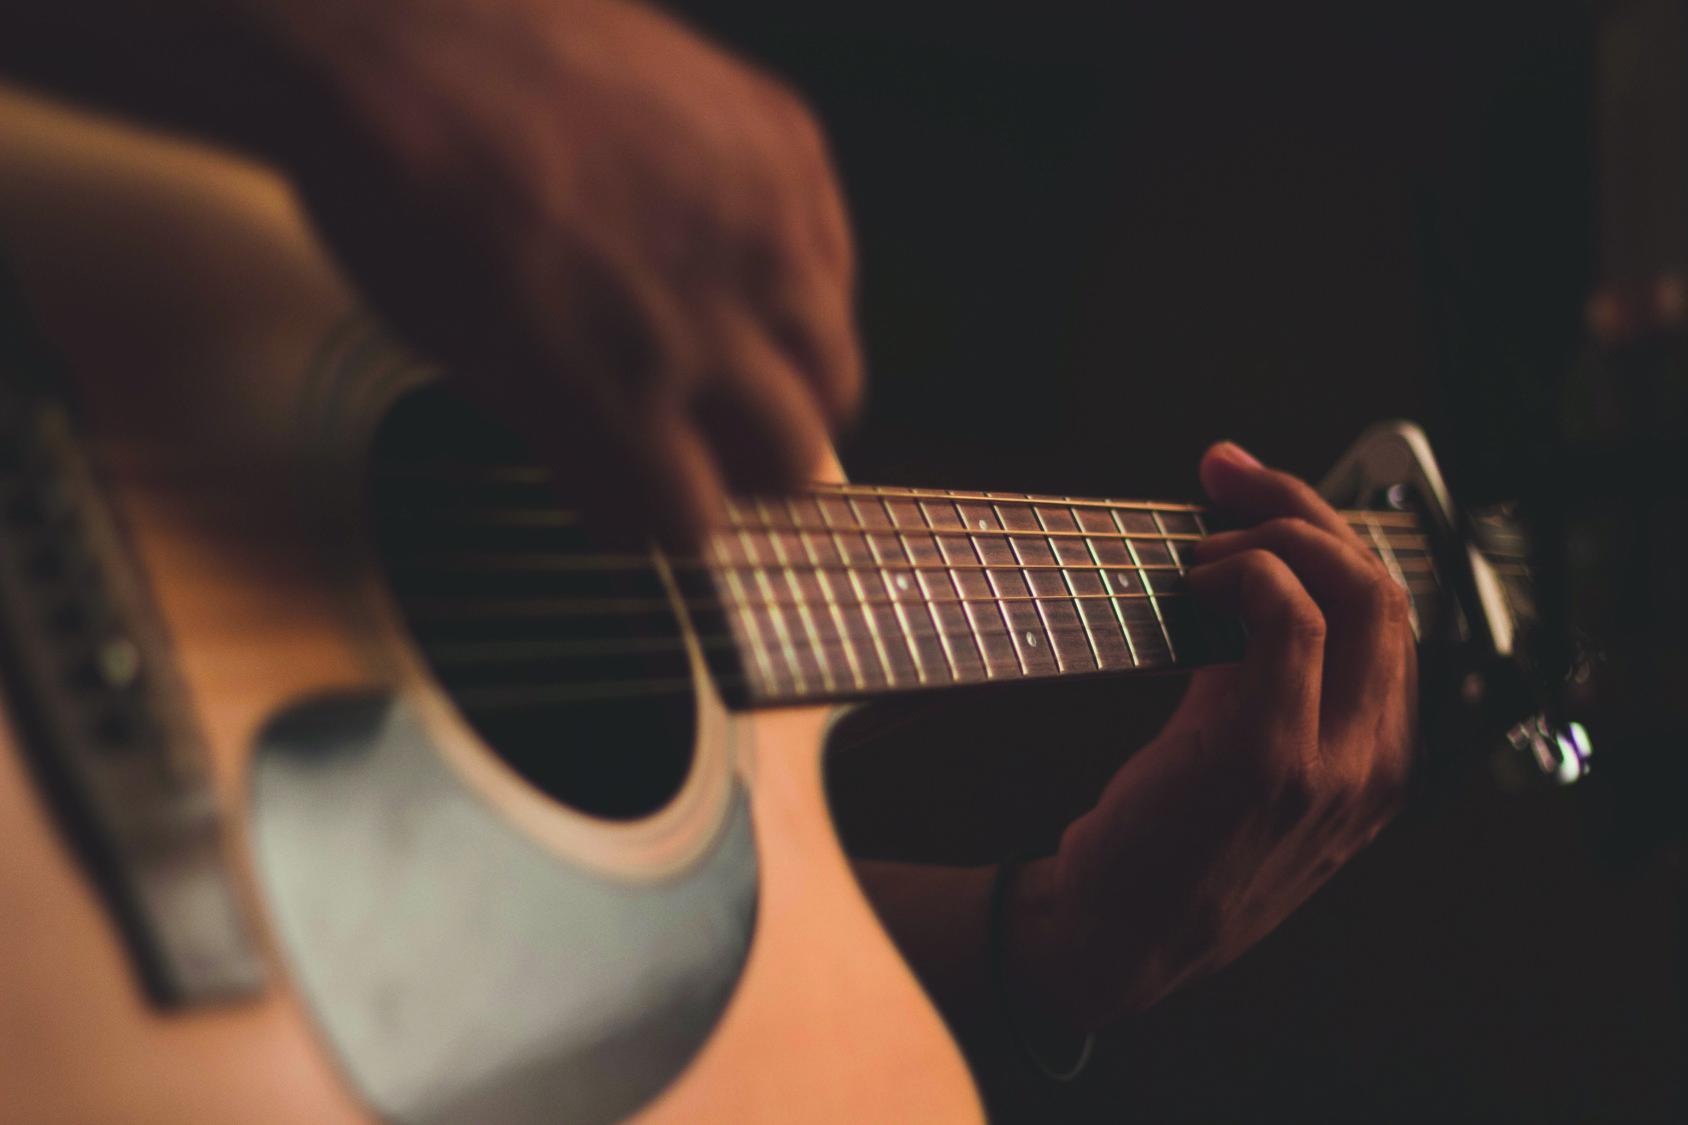 Kitara soittajan käsissä